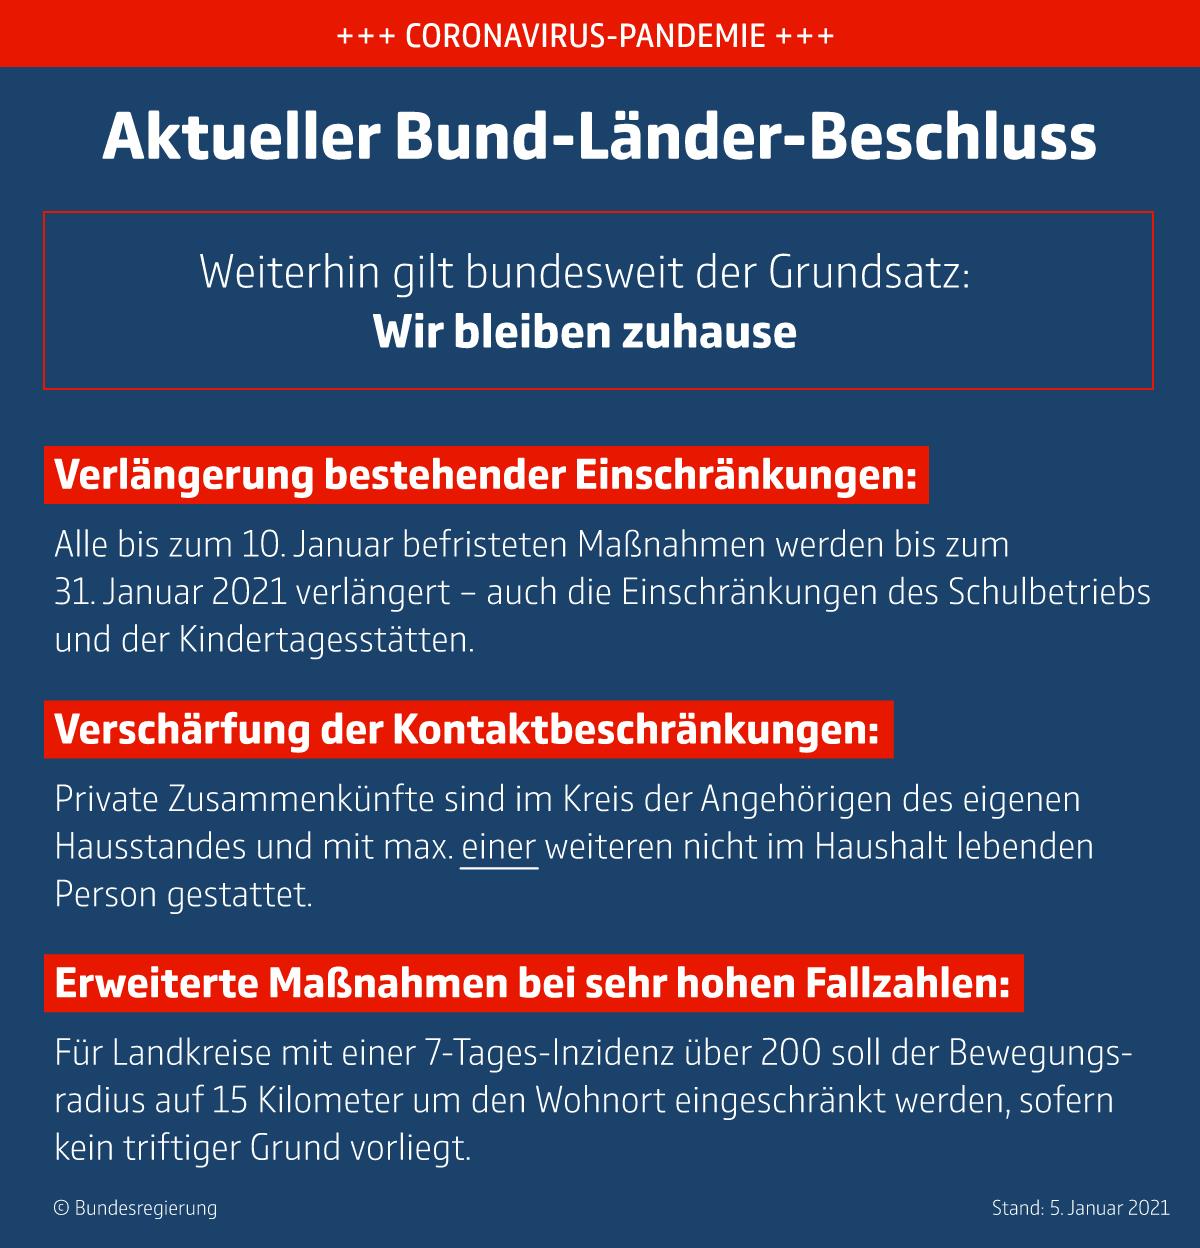 Aktueller Bund-Länder-Bechluss vom 05.01.21. Bildquelle: Bundesregierung